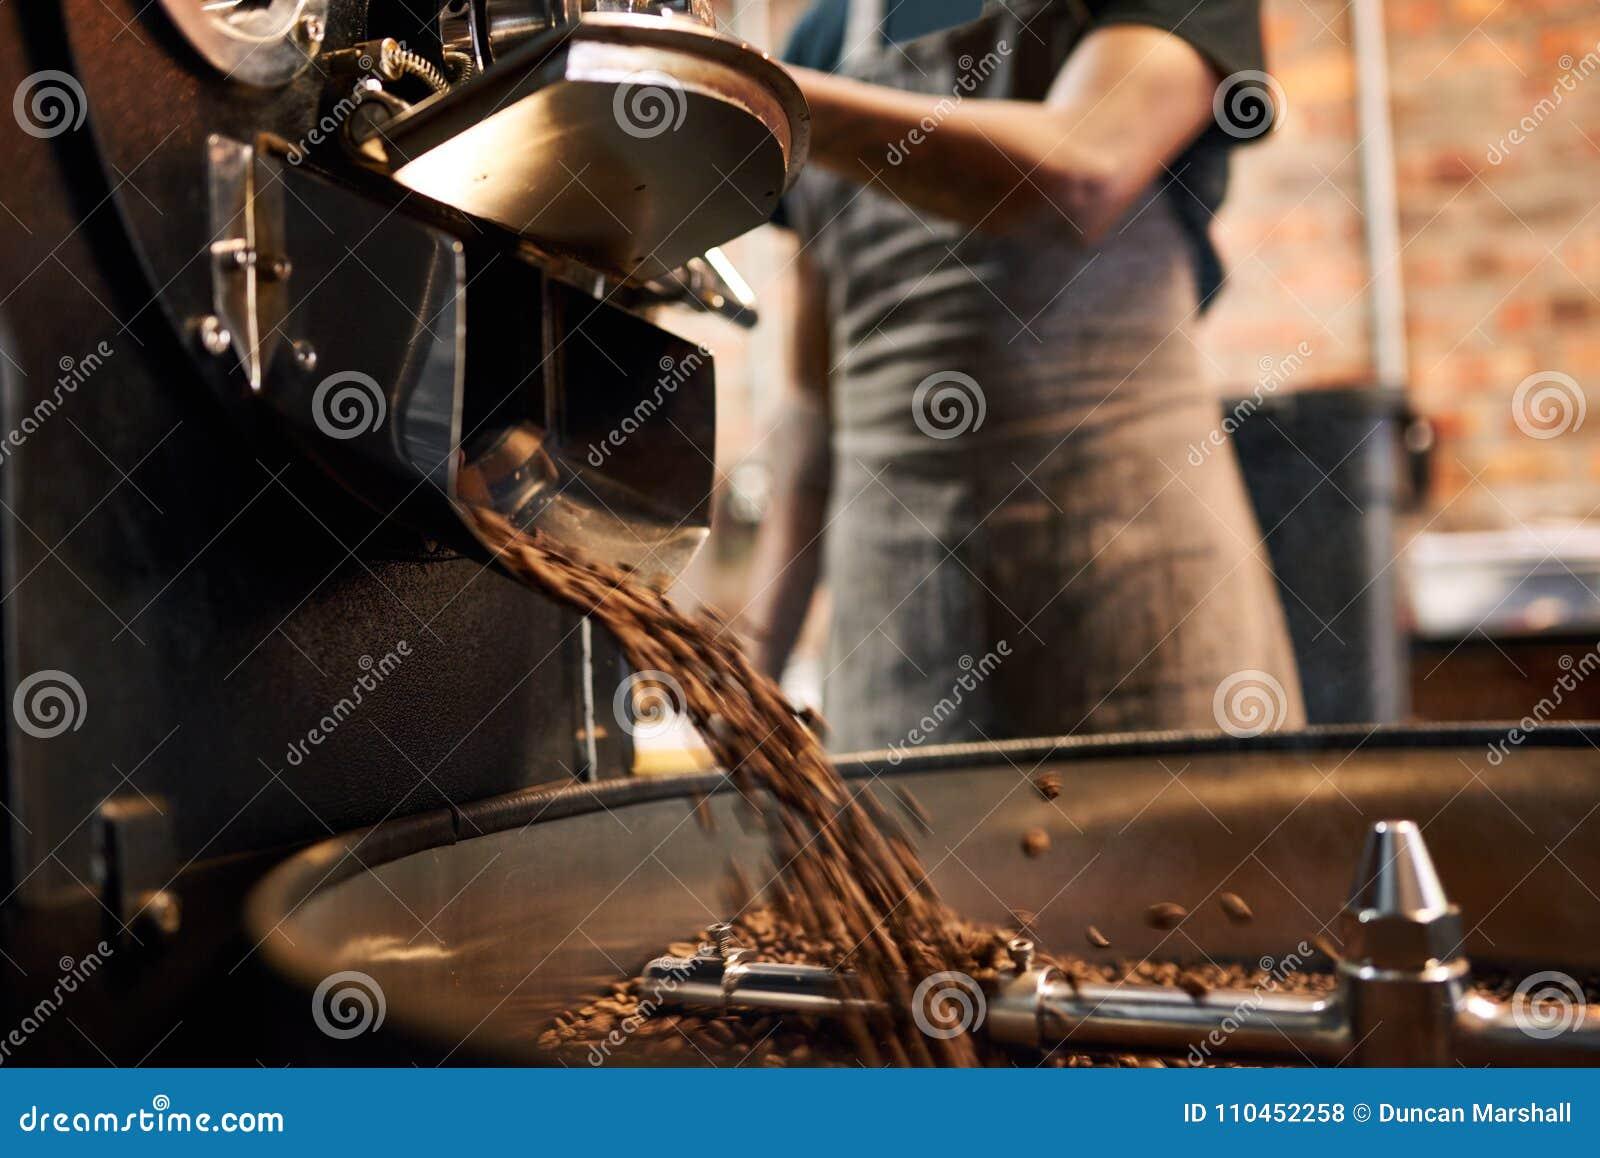 Kaffebönor som hälls ut ur en stekhet maskin för kaffe